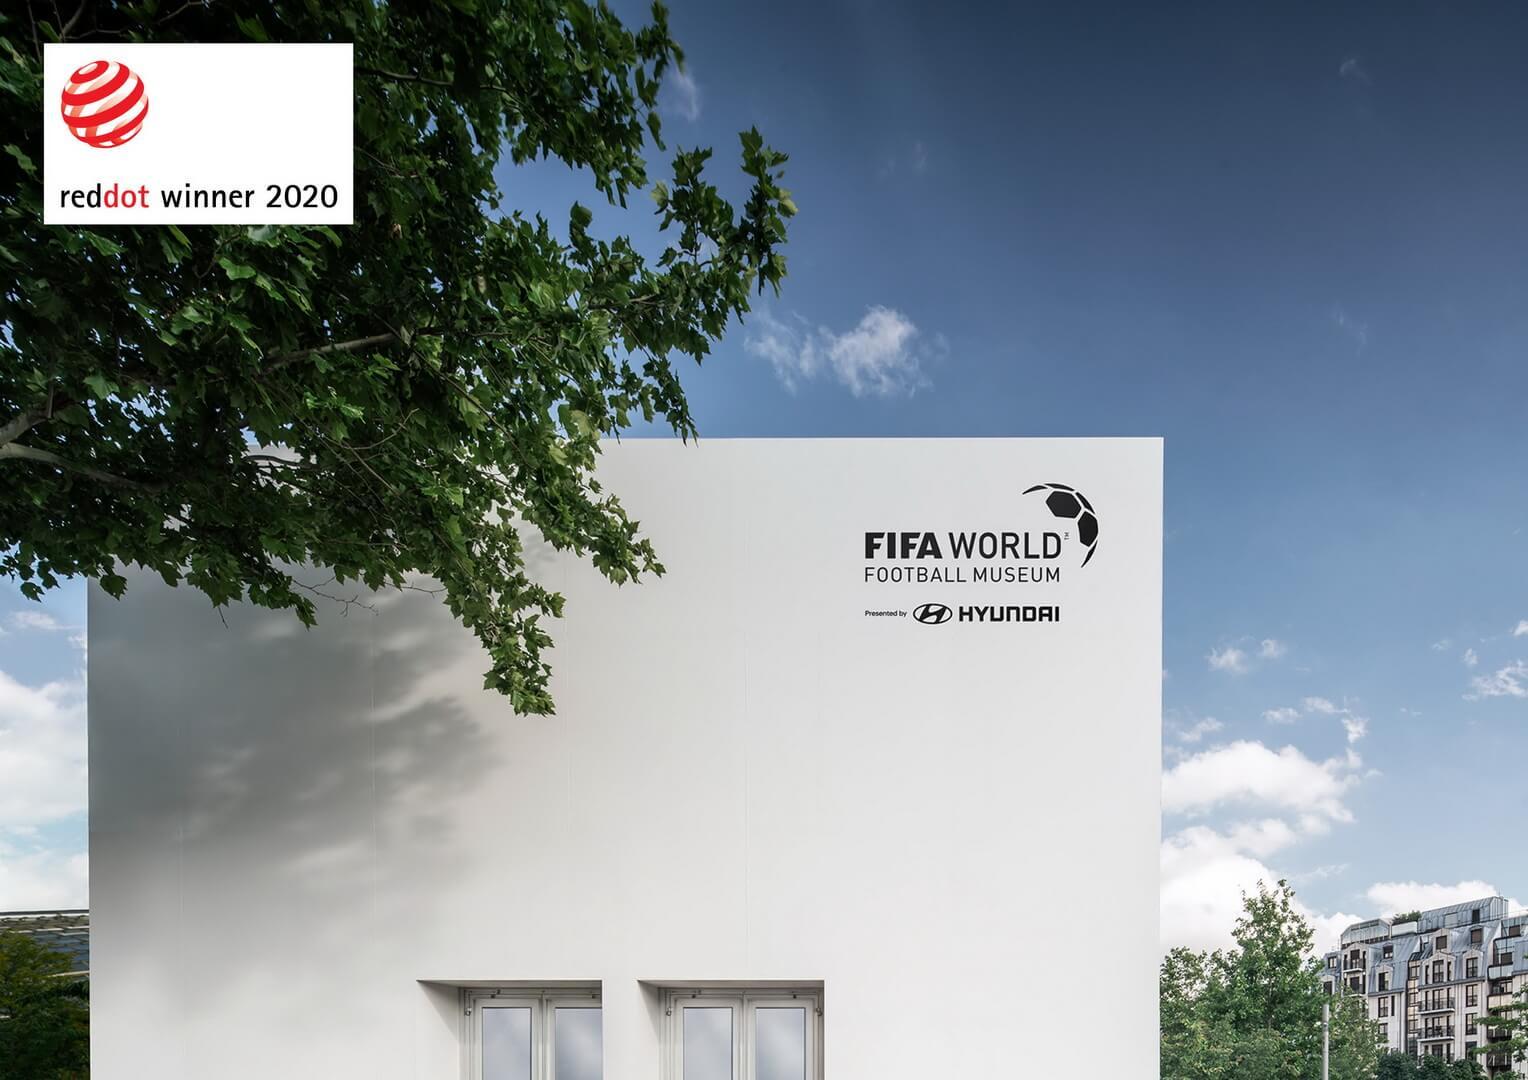 Відкриття музею FIFA в Парижі